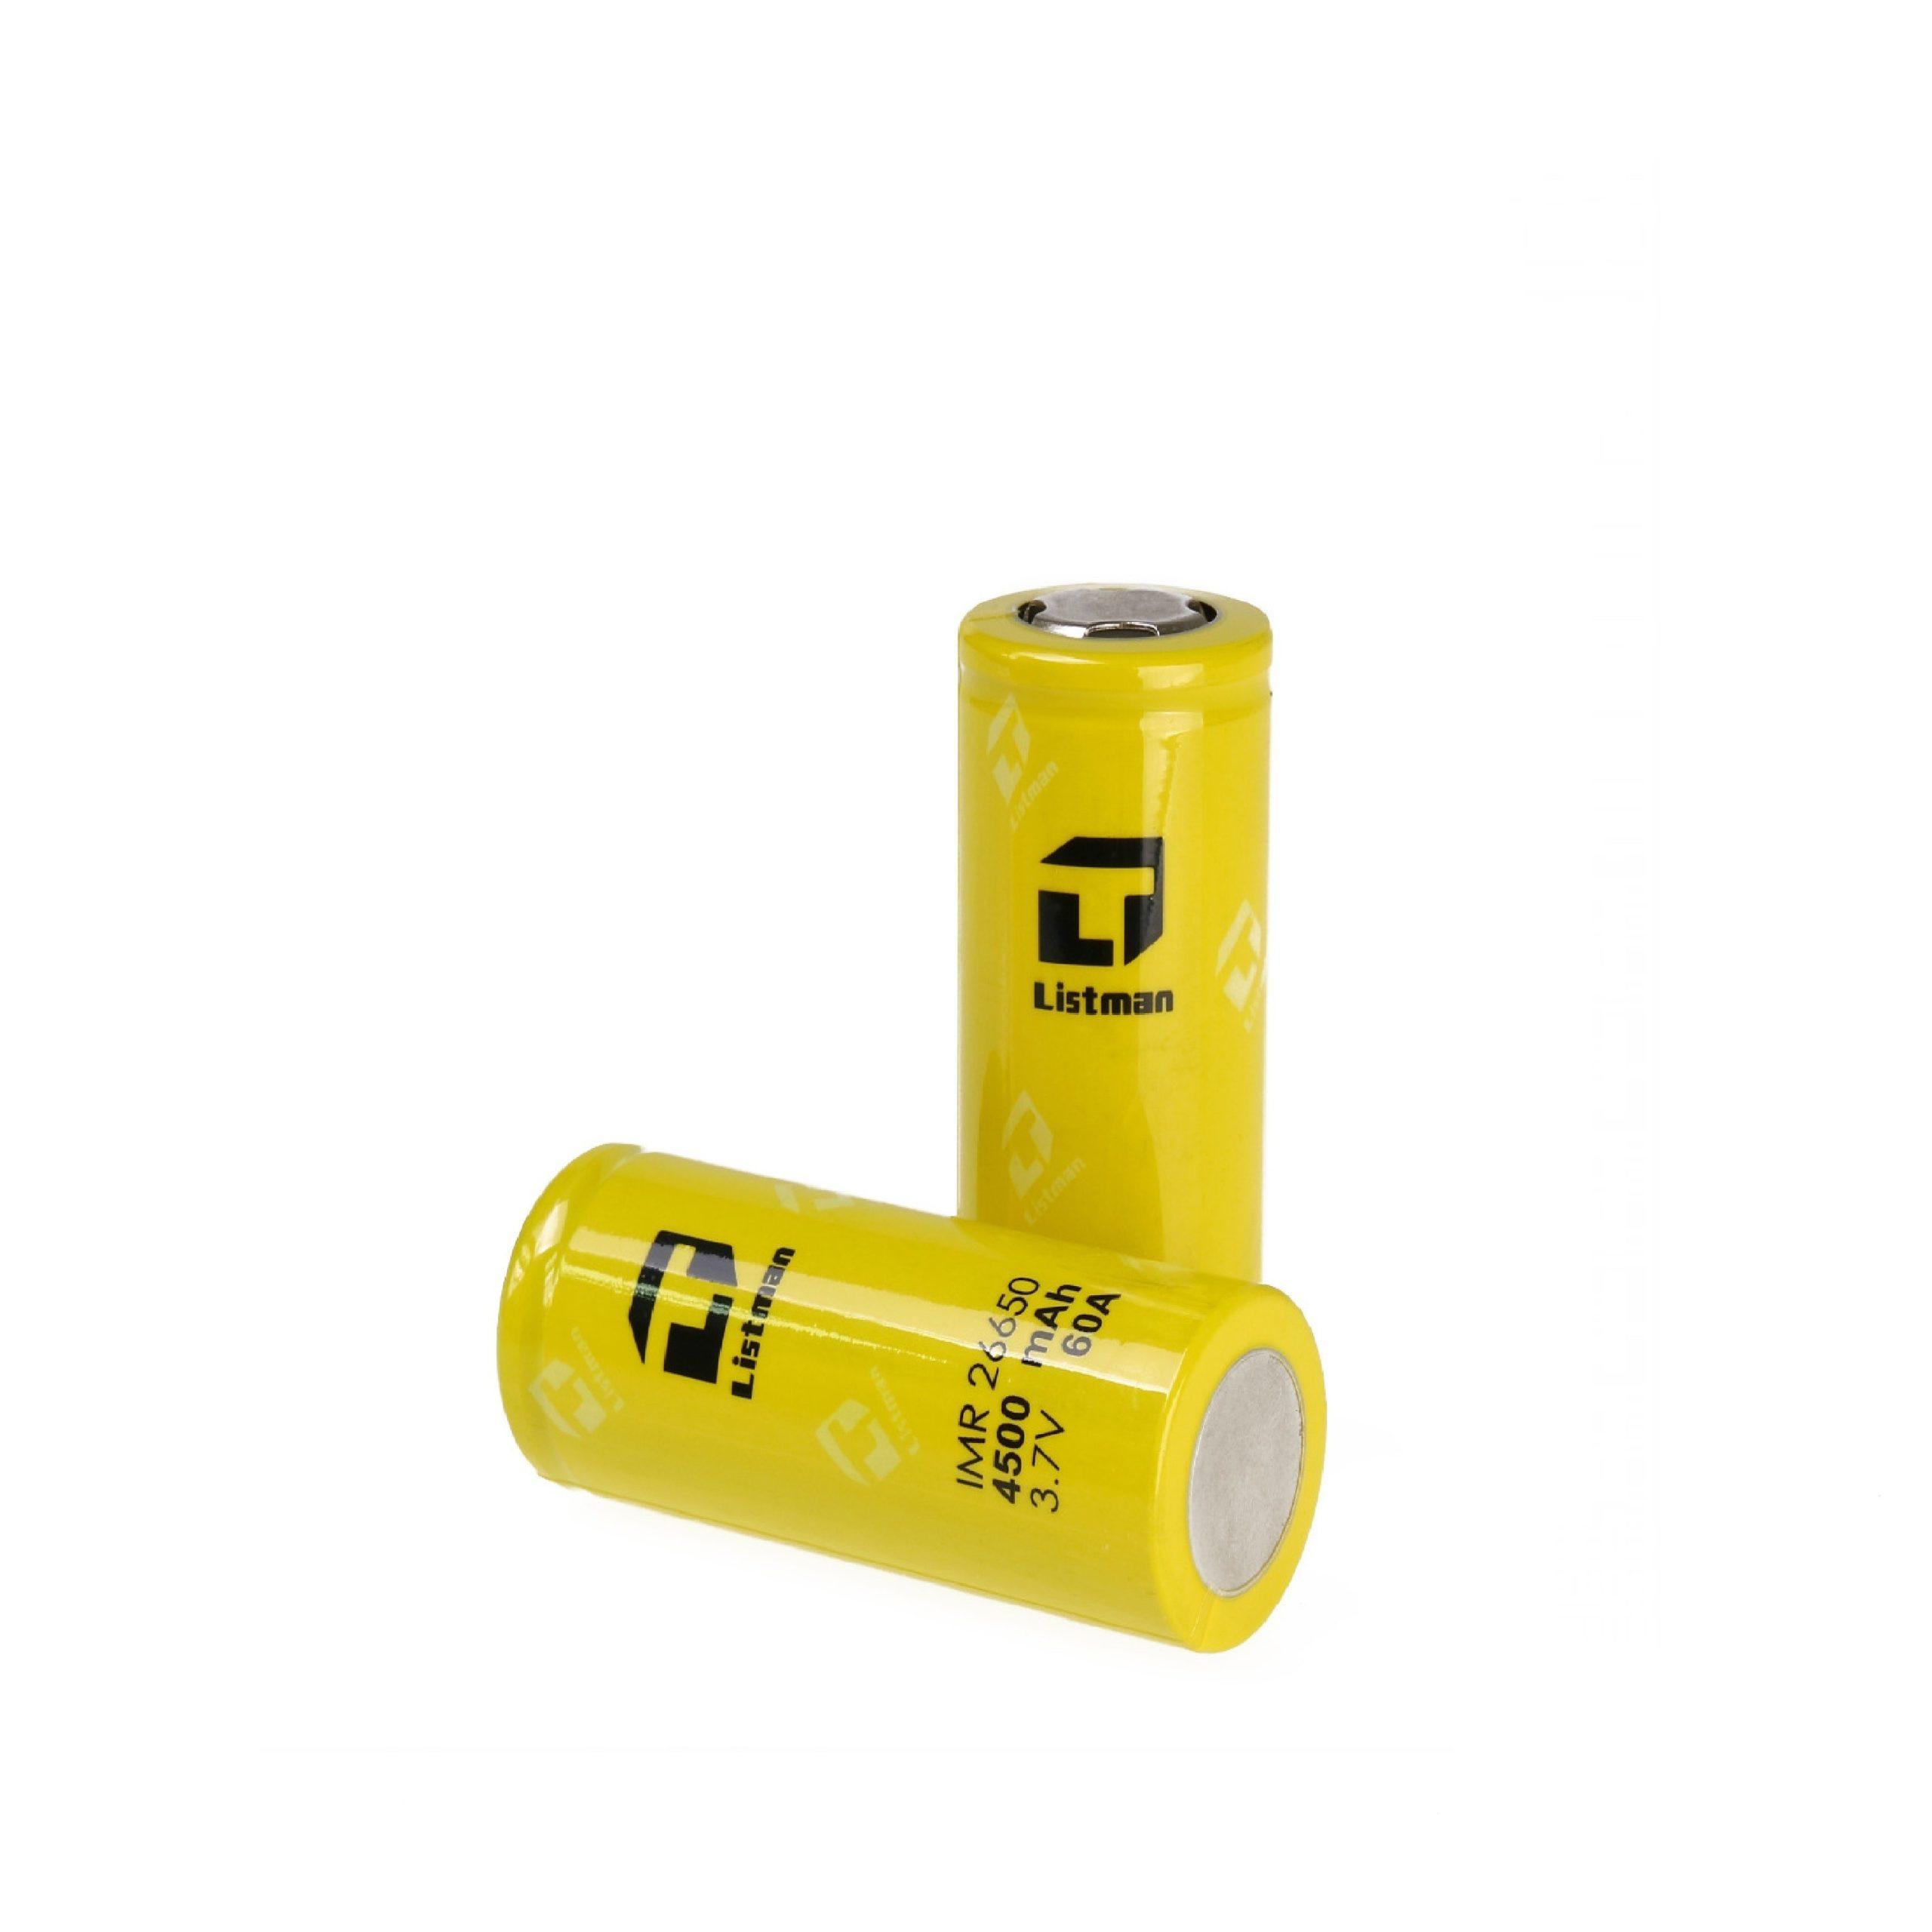 Flat top batterij met vermogen van 4500mAh en rating van 30A.